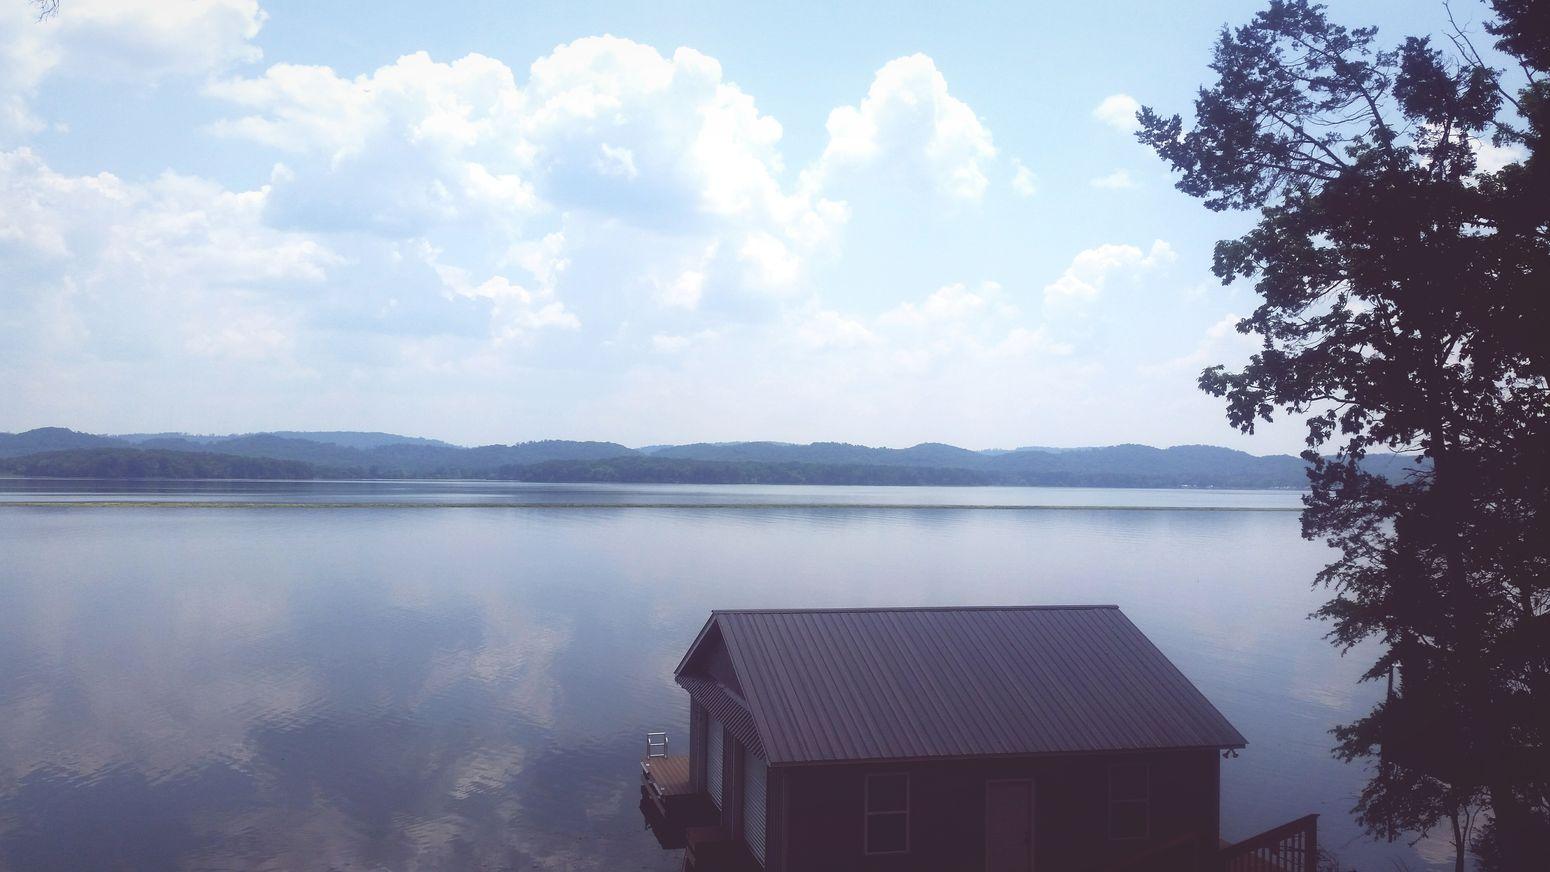 ⛵⛅ Hanging Out Lake View Relaxing Enjoying Life Nature